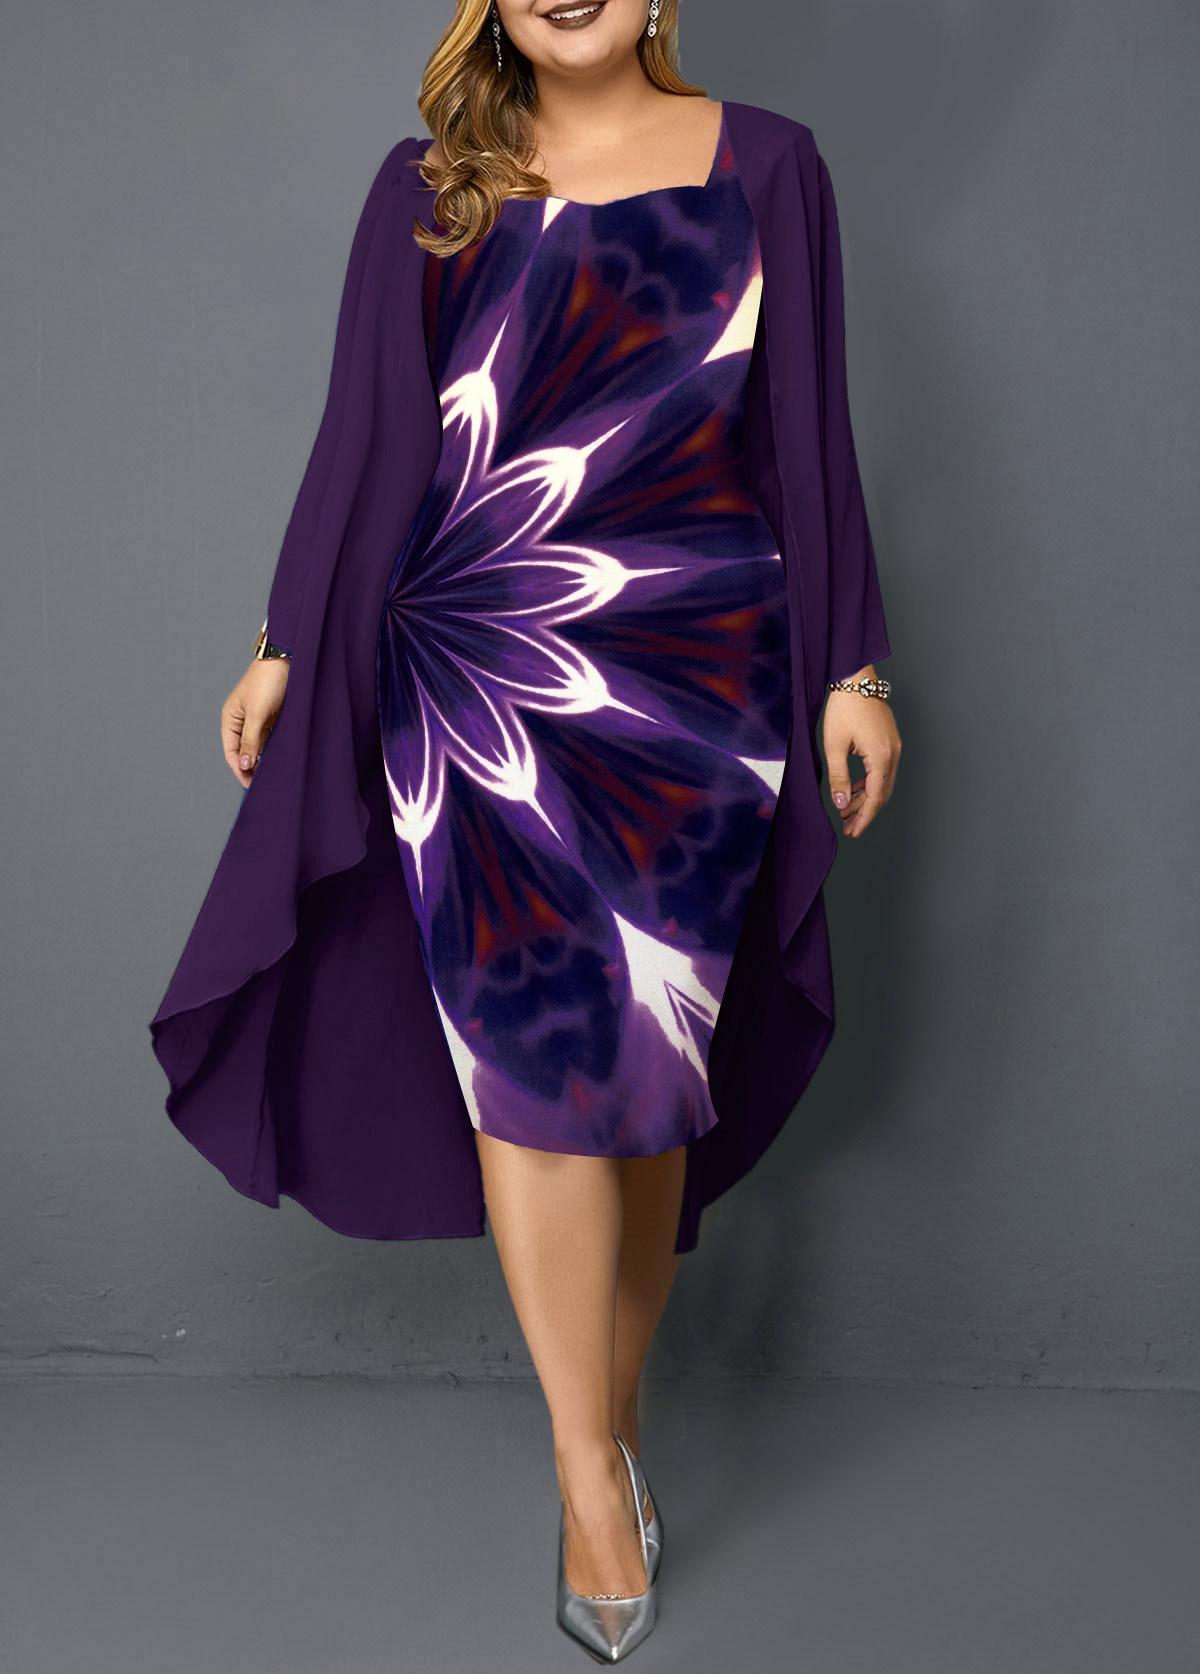 Purple Plus Size Chiffon Cardigan and Printed Dress